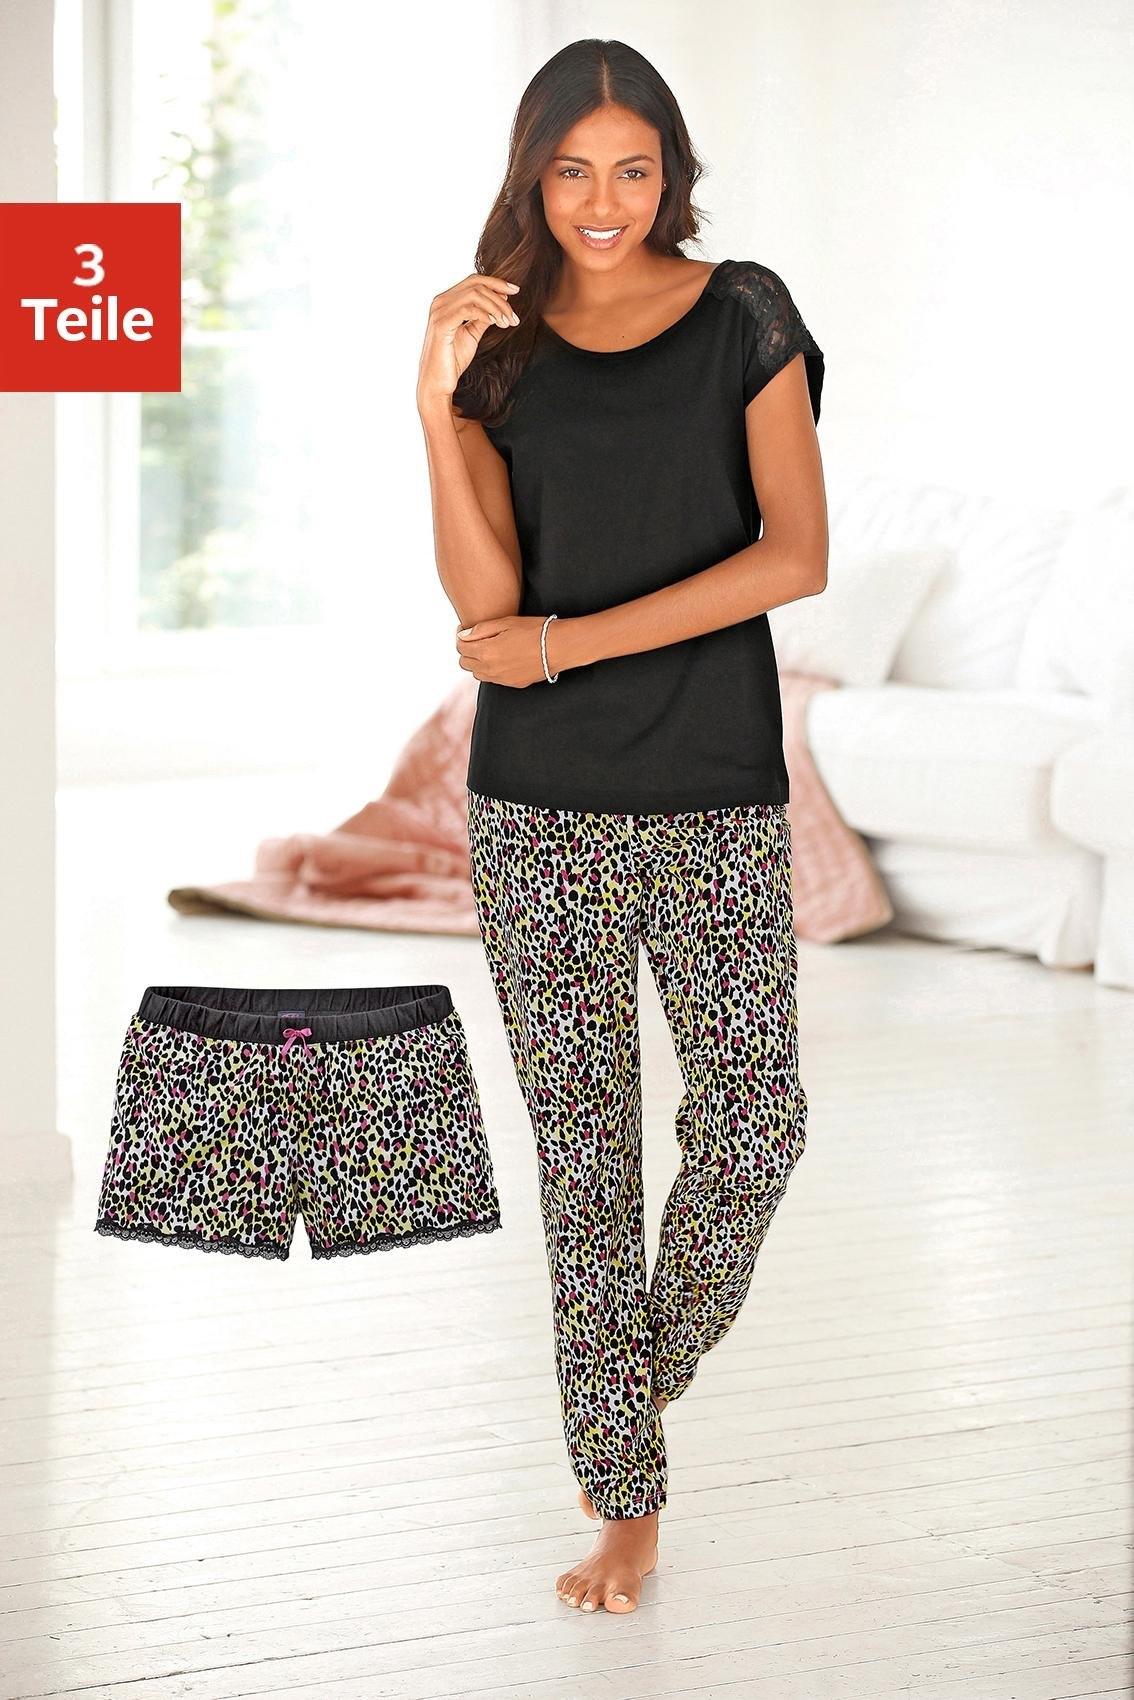 vivance collection 3-delige pyjama met luipaardmotief bestellen: 14 dagen bedenktijd